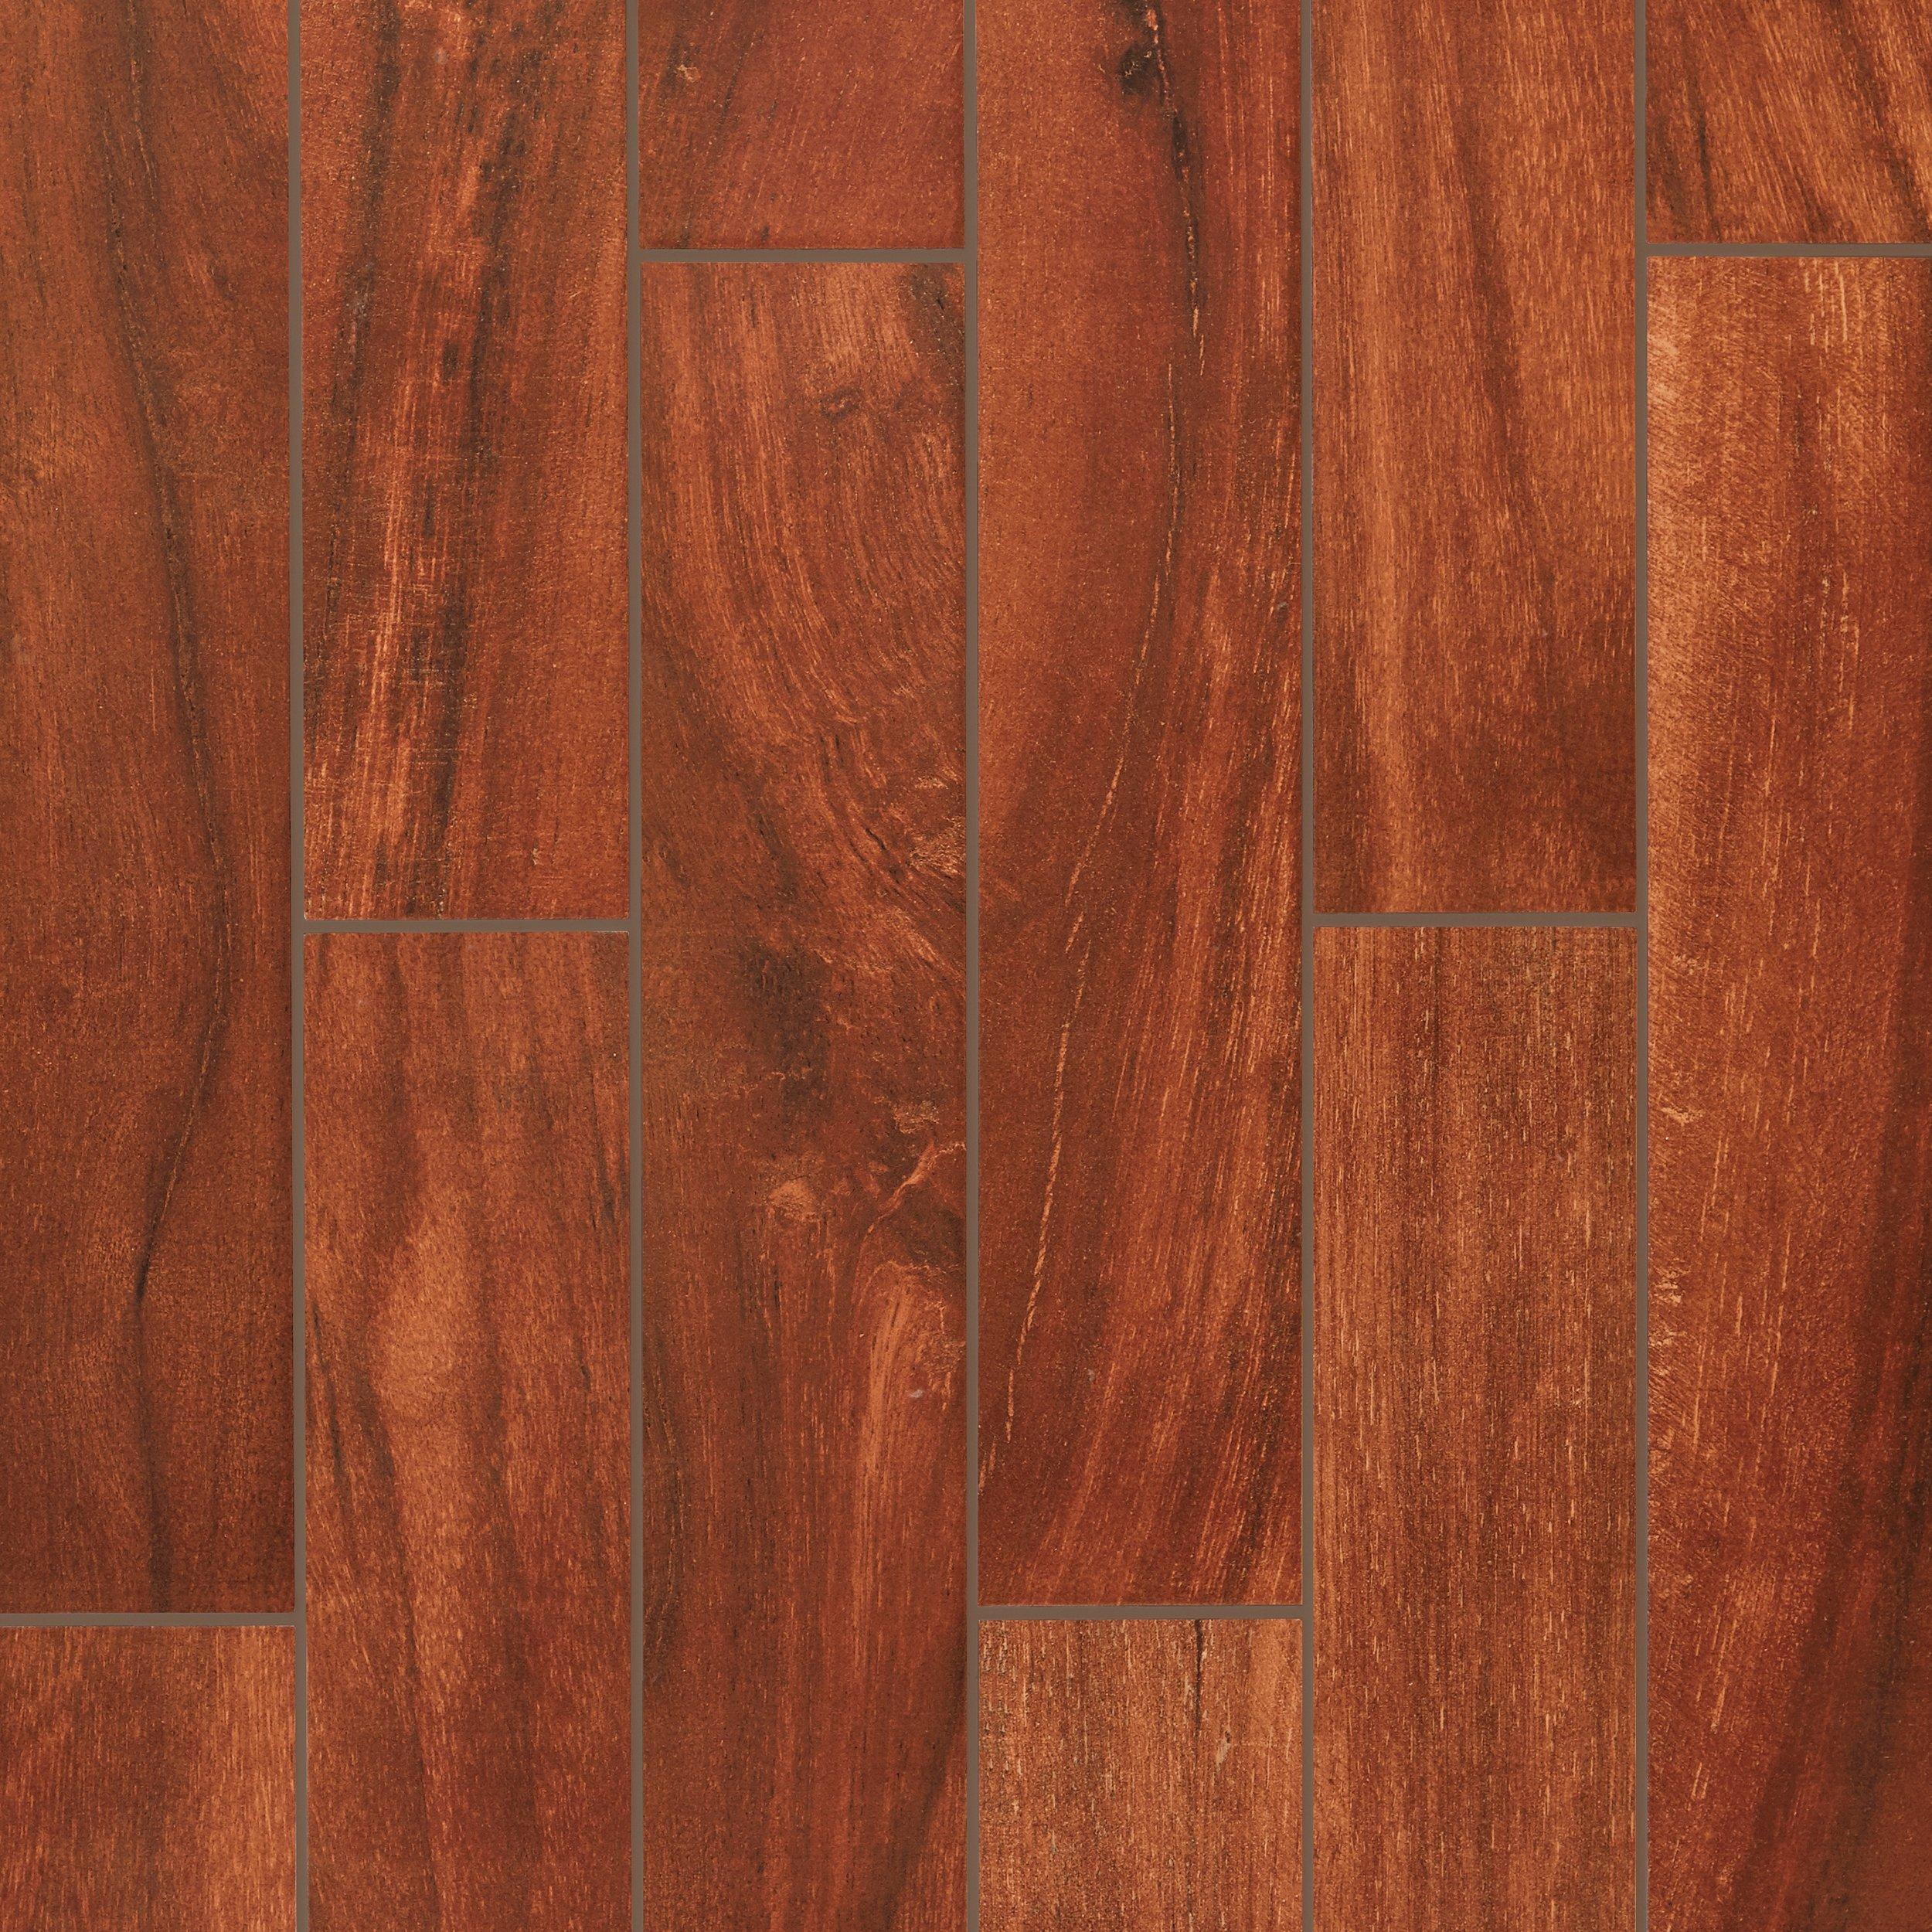 Porcelain Tile Wood Plank: Moritz Walnut Wood Plank Porcelain Tile